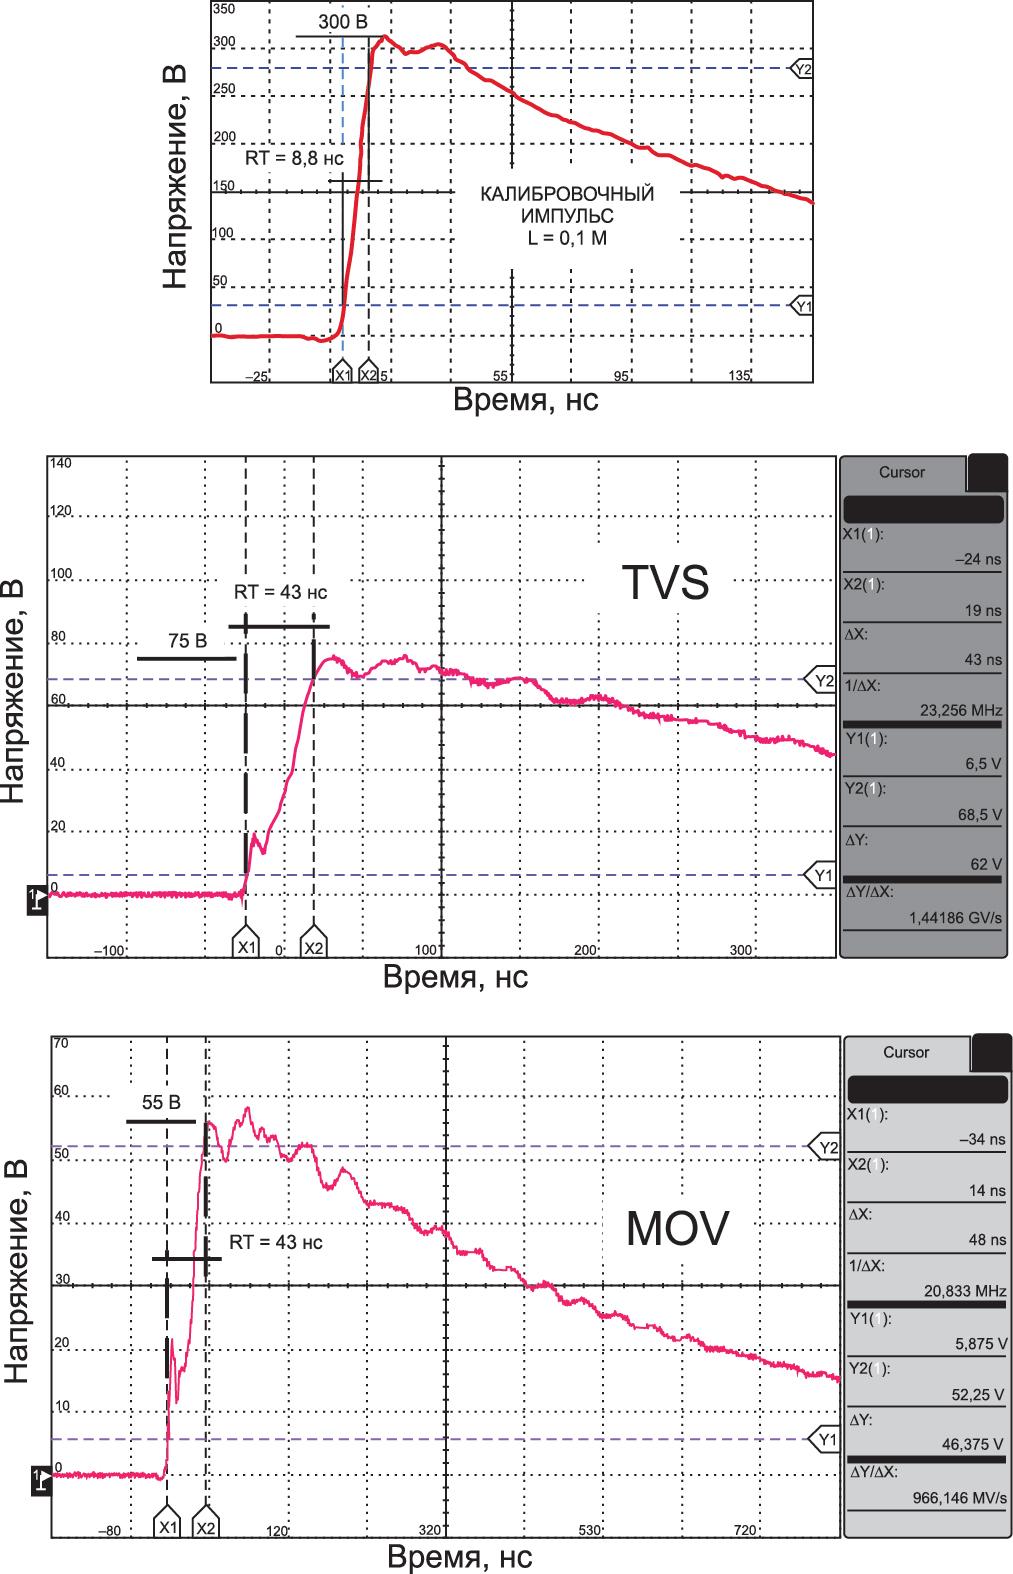 Осциллограммы, полученные при испытании двух типов защитных элементов: TVSдиода (TVS) и варистора (MOV) на макете с короткими проводниками (длиной 0,1 м)